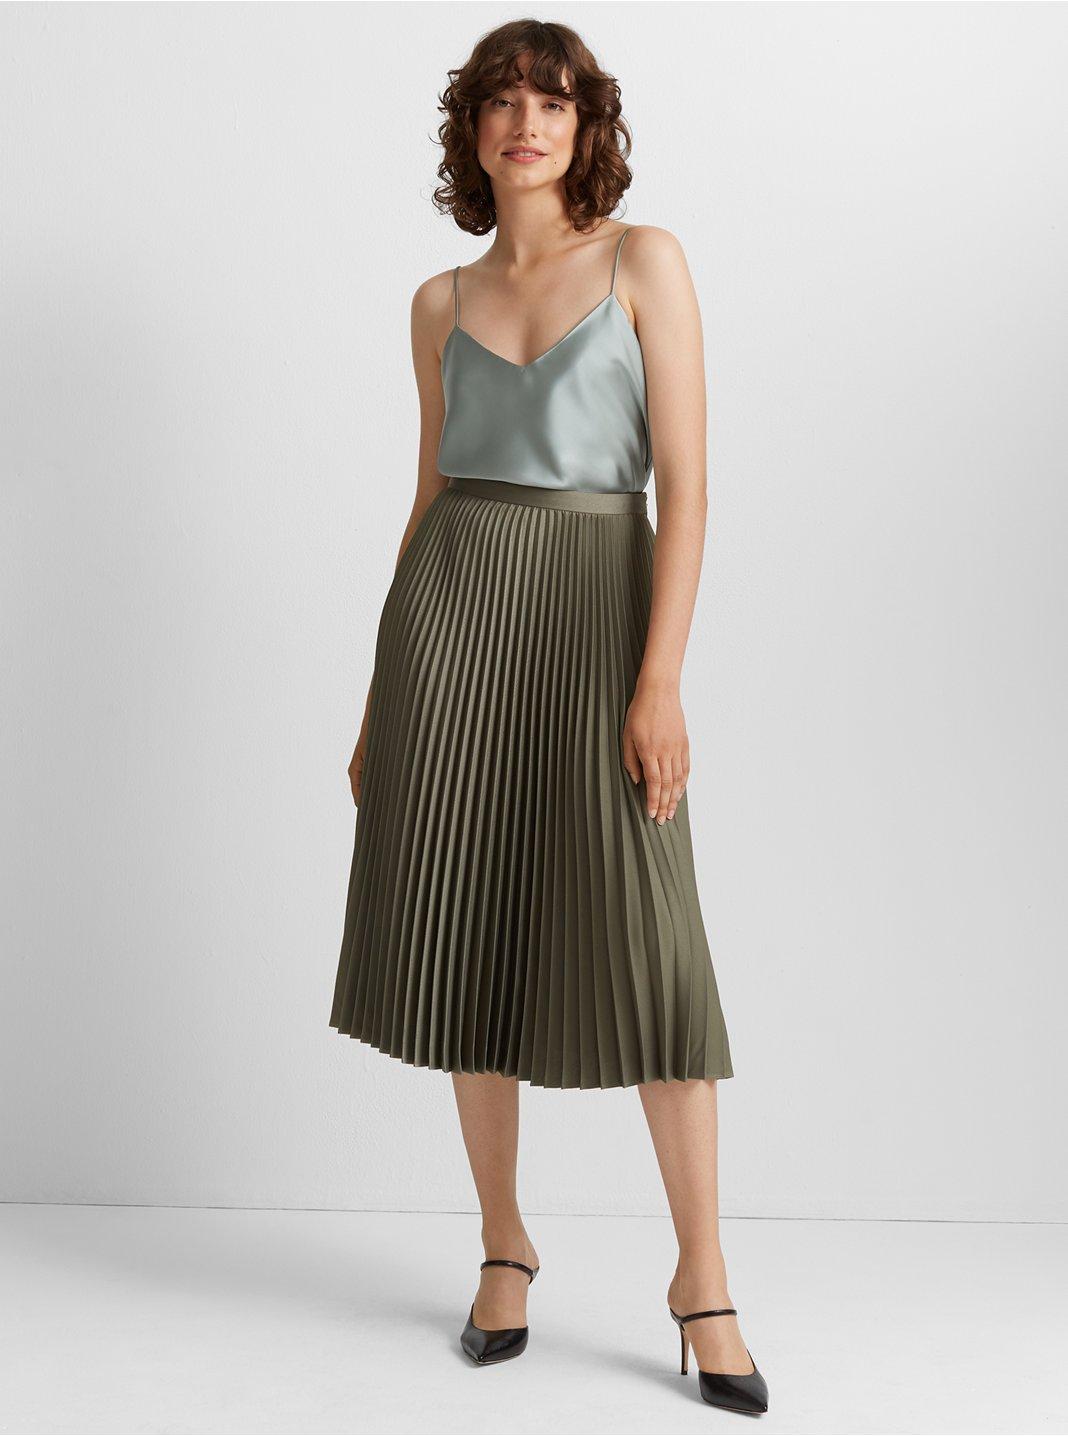 Annina Skirt